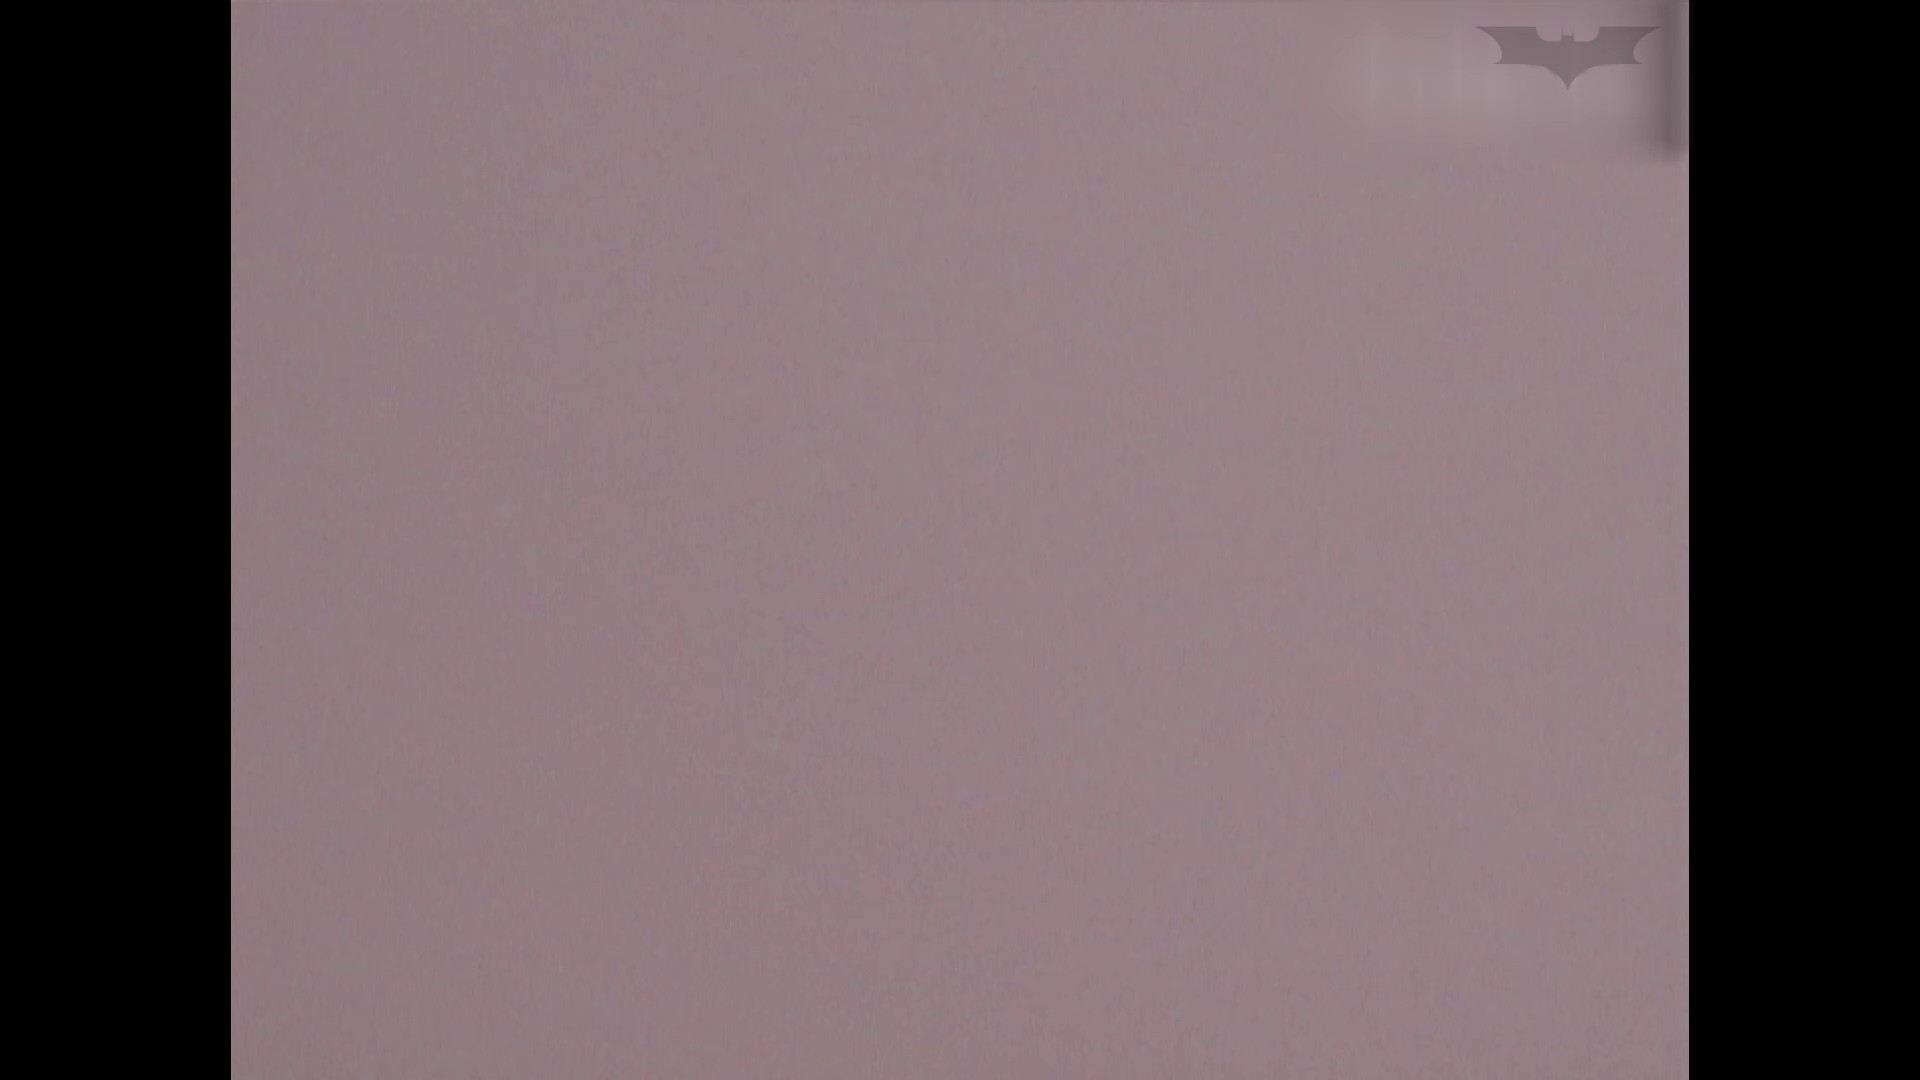 めくれあがった肛monから 期間限定神キタ!ツルピカの放nyo!Vol.10 ギャル達 アダルト動画キャプチャ 109枚 38